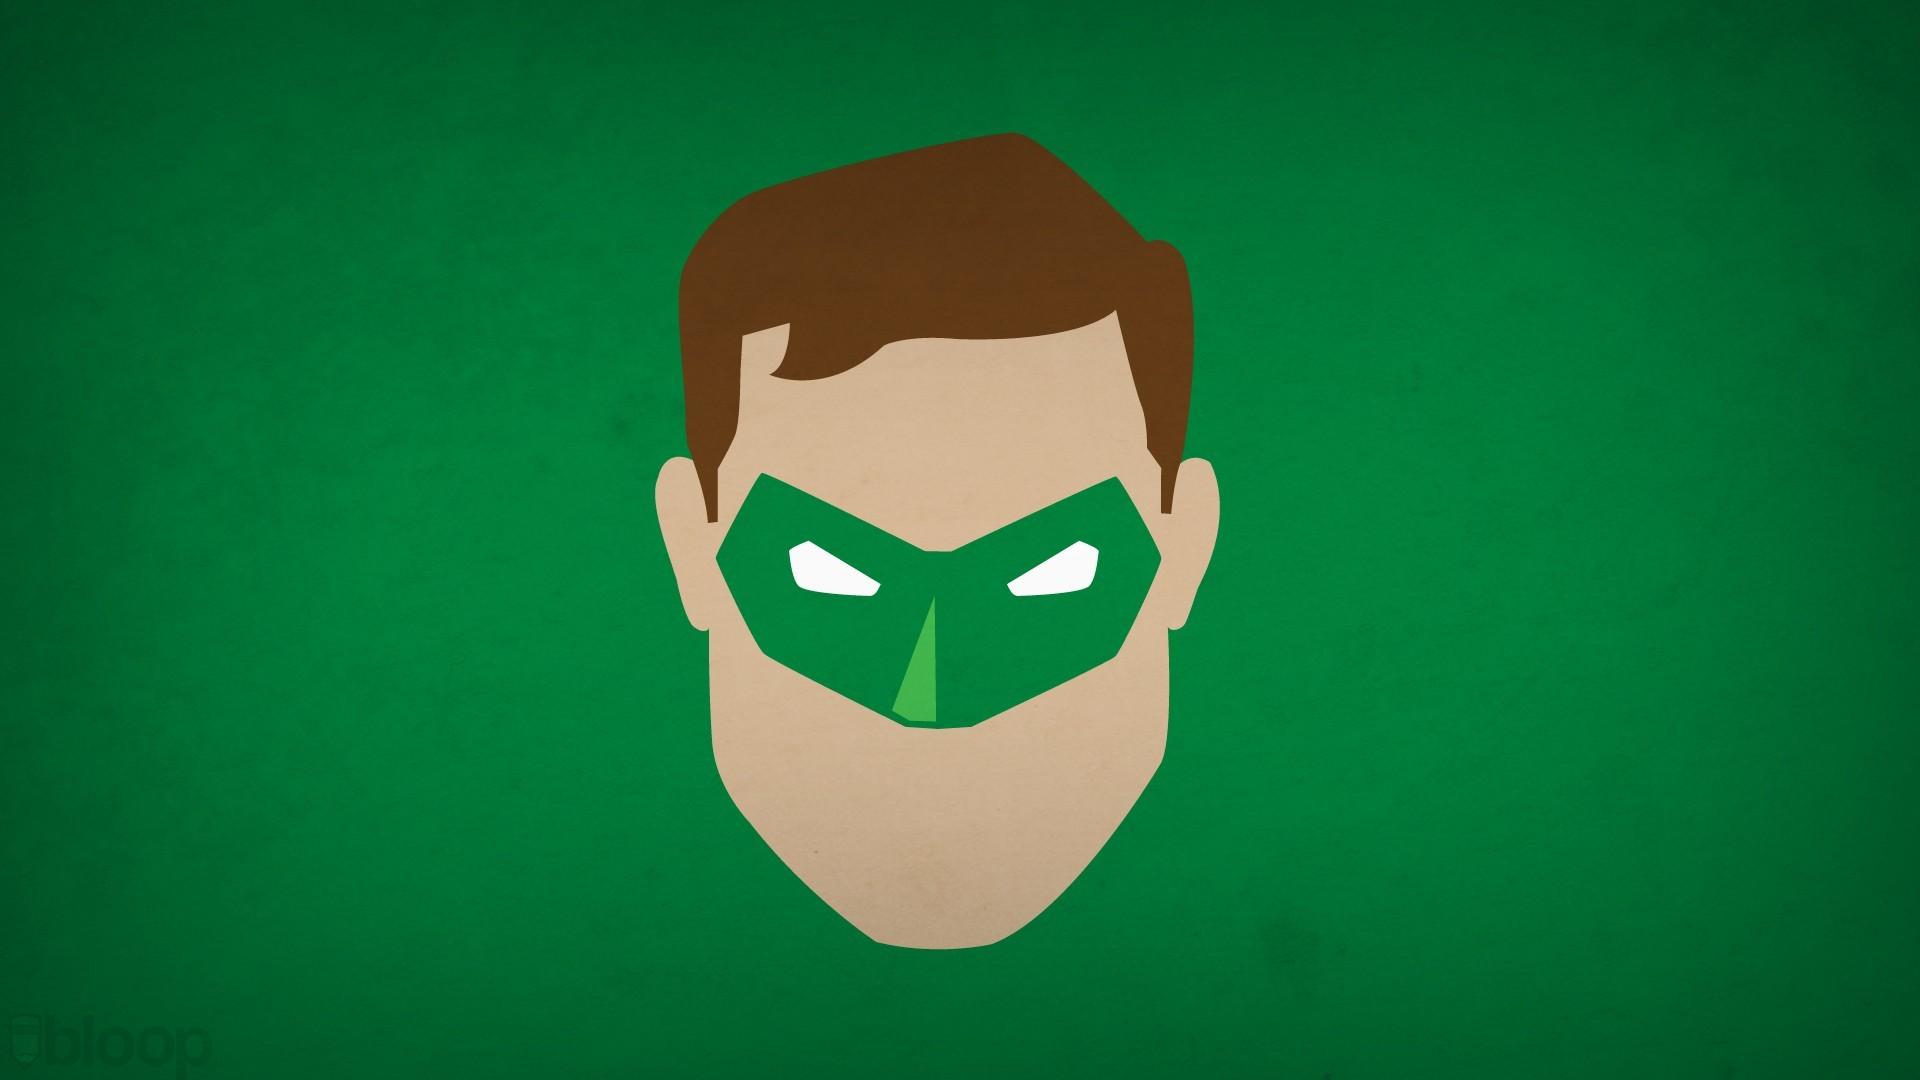 Green Lantern Oath Wallpapers Desktop Background : Movie Wallpaper .